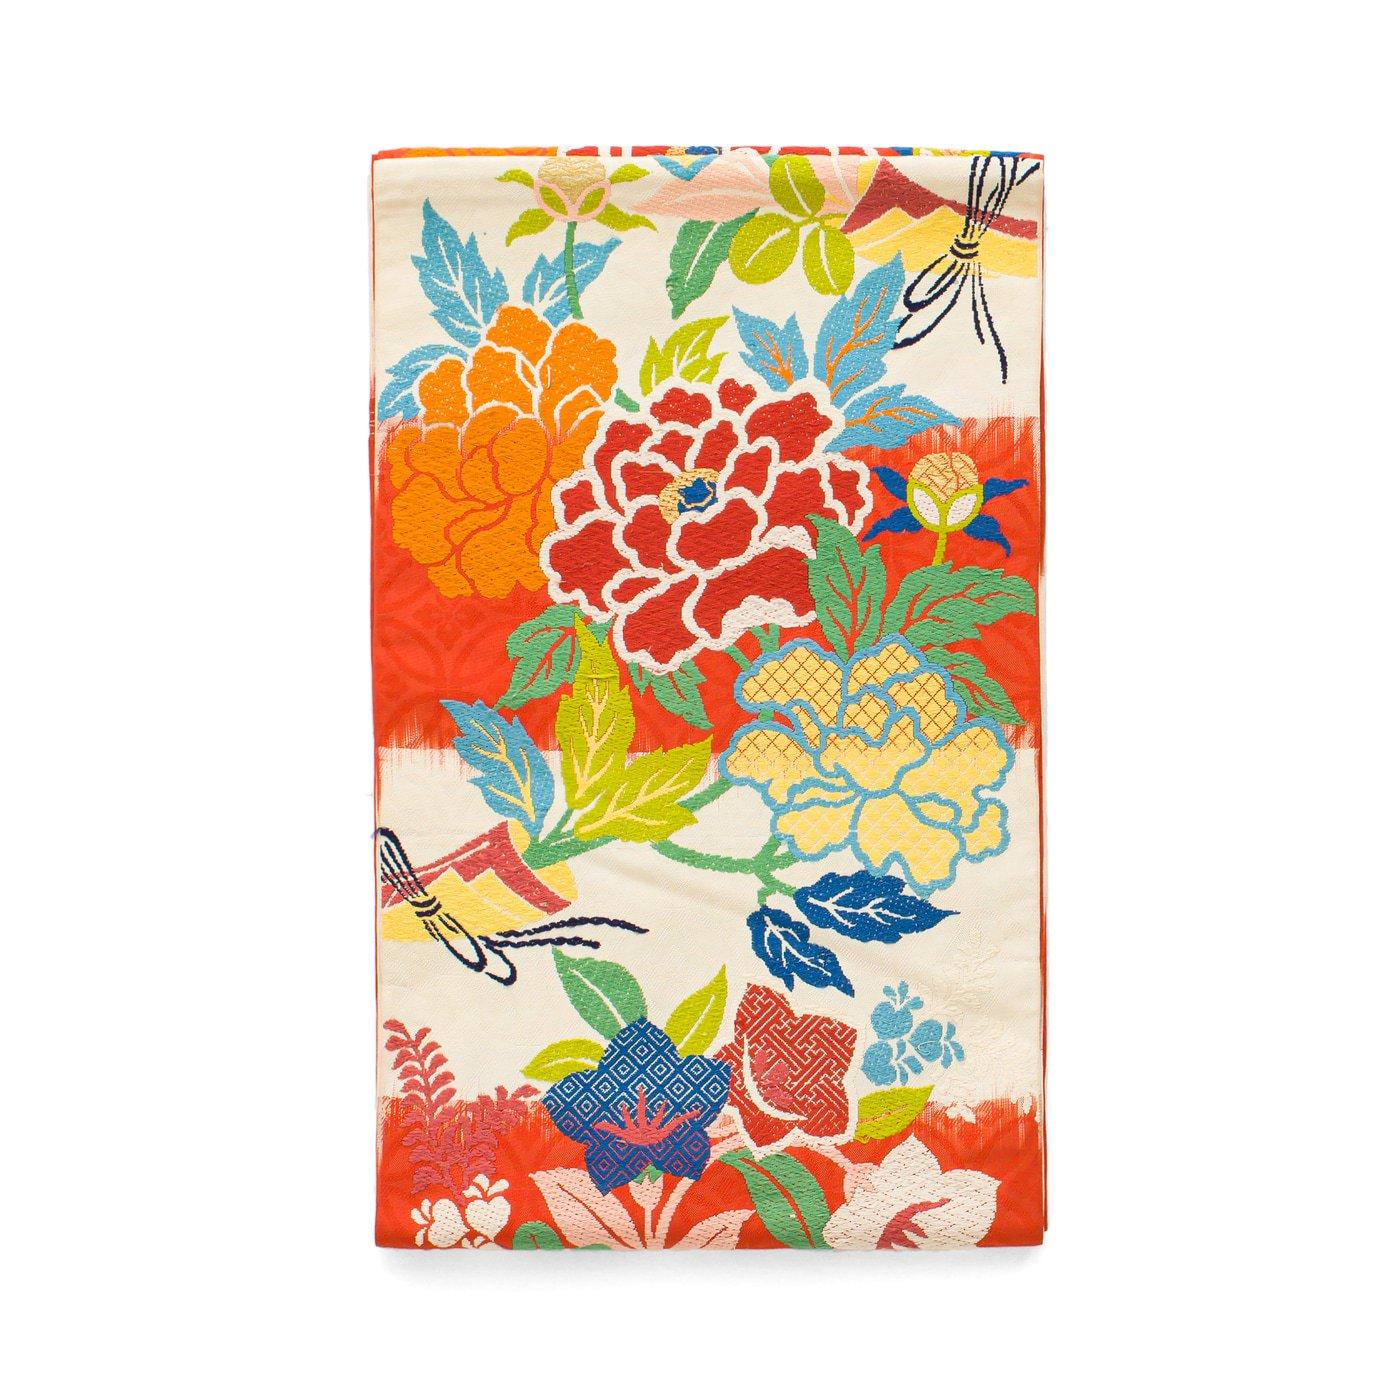 「袋帯●アンティーク着物 桔梗と牡丹」の商品画像